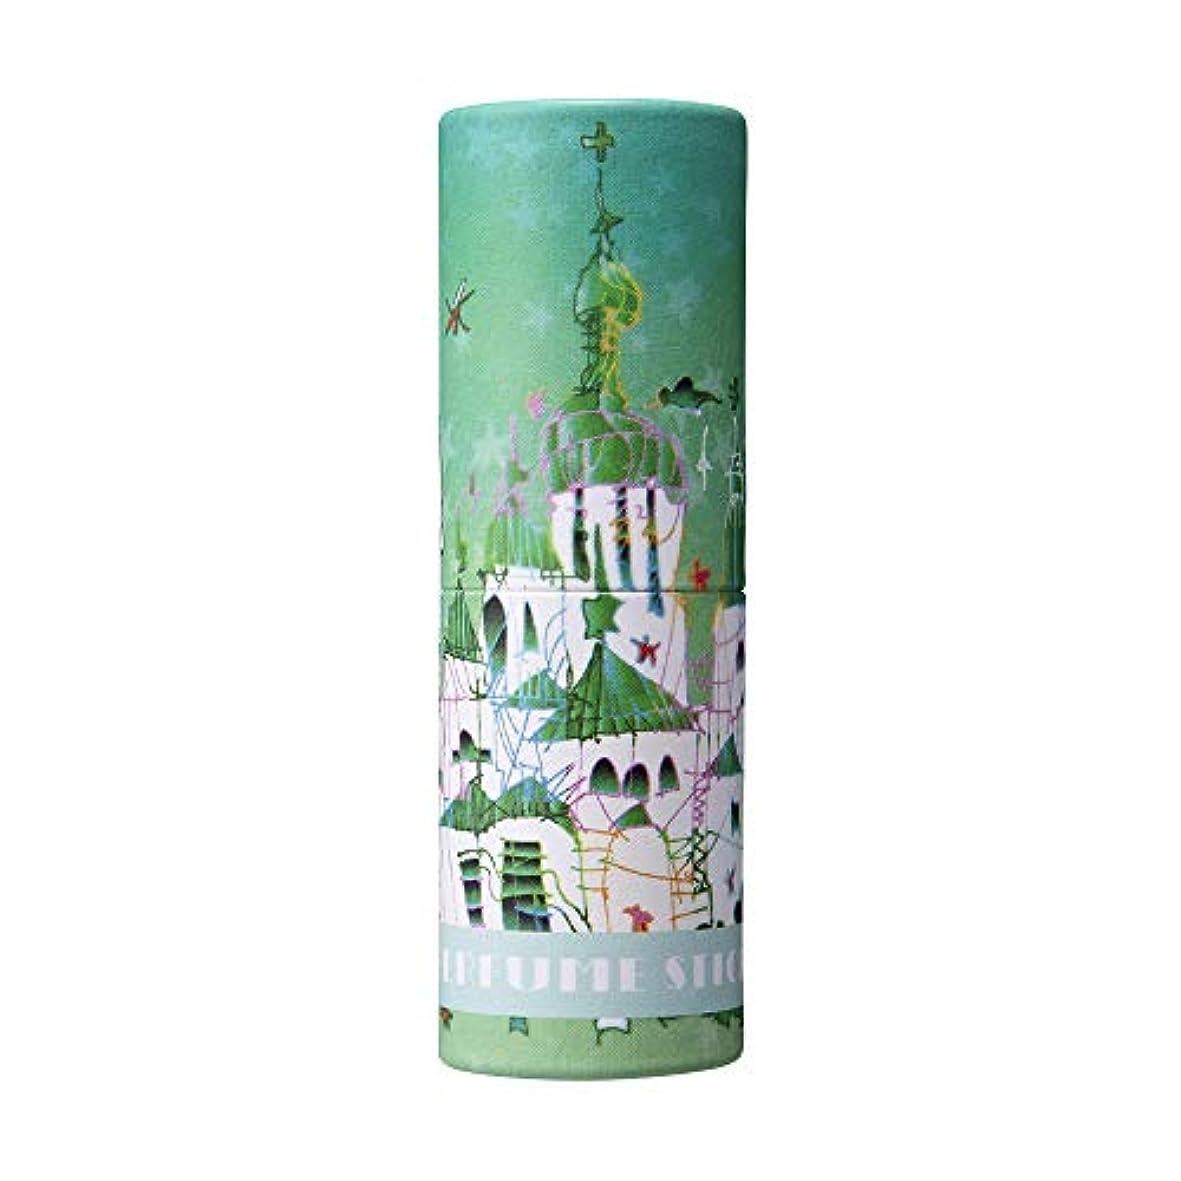 ドラマ購入然としたパフュームスティック サンクス グリーンアップル&ムスクの香り 世界遺産デザイン 5g